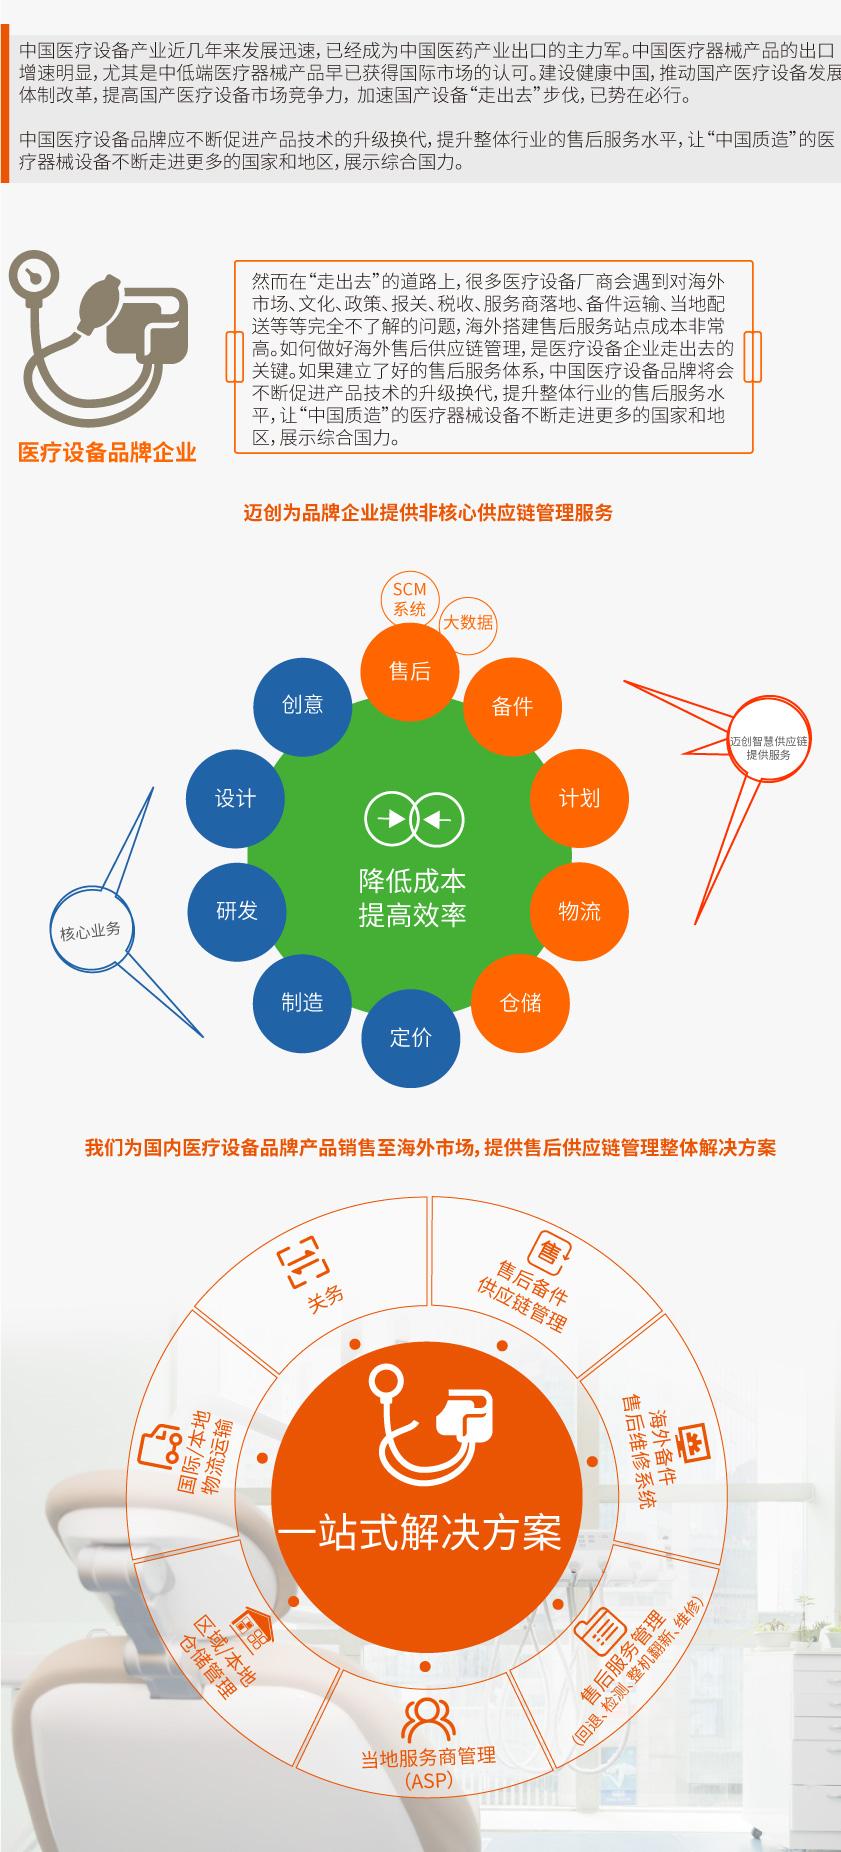 官网中文.jpg